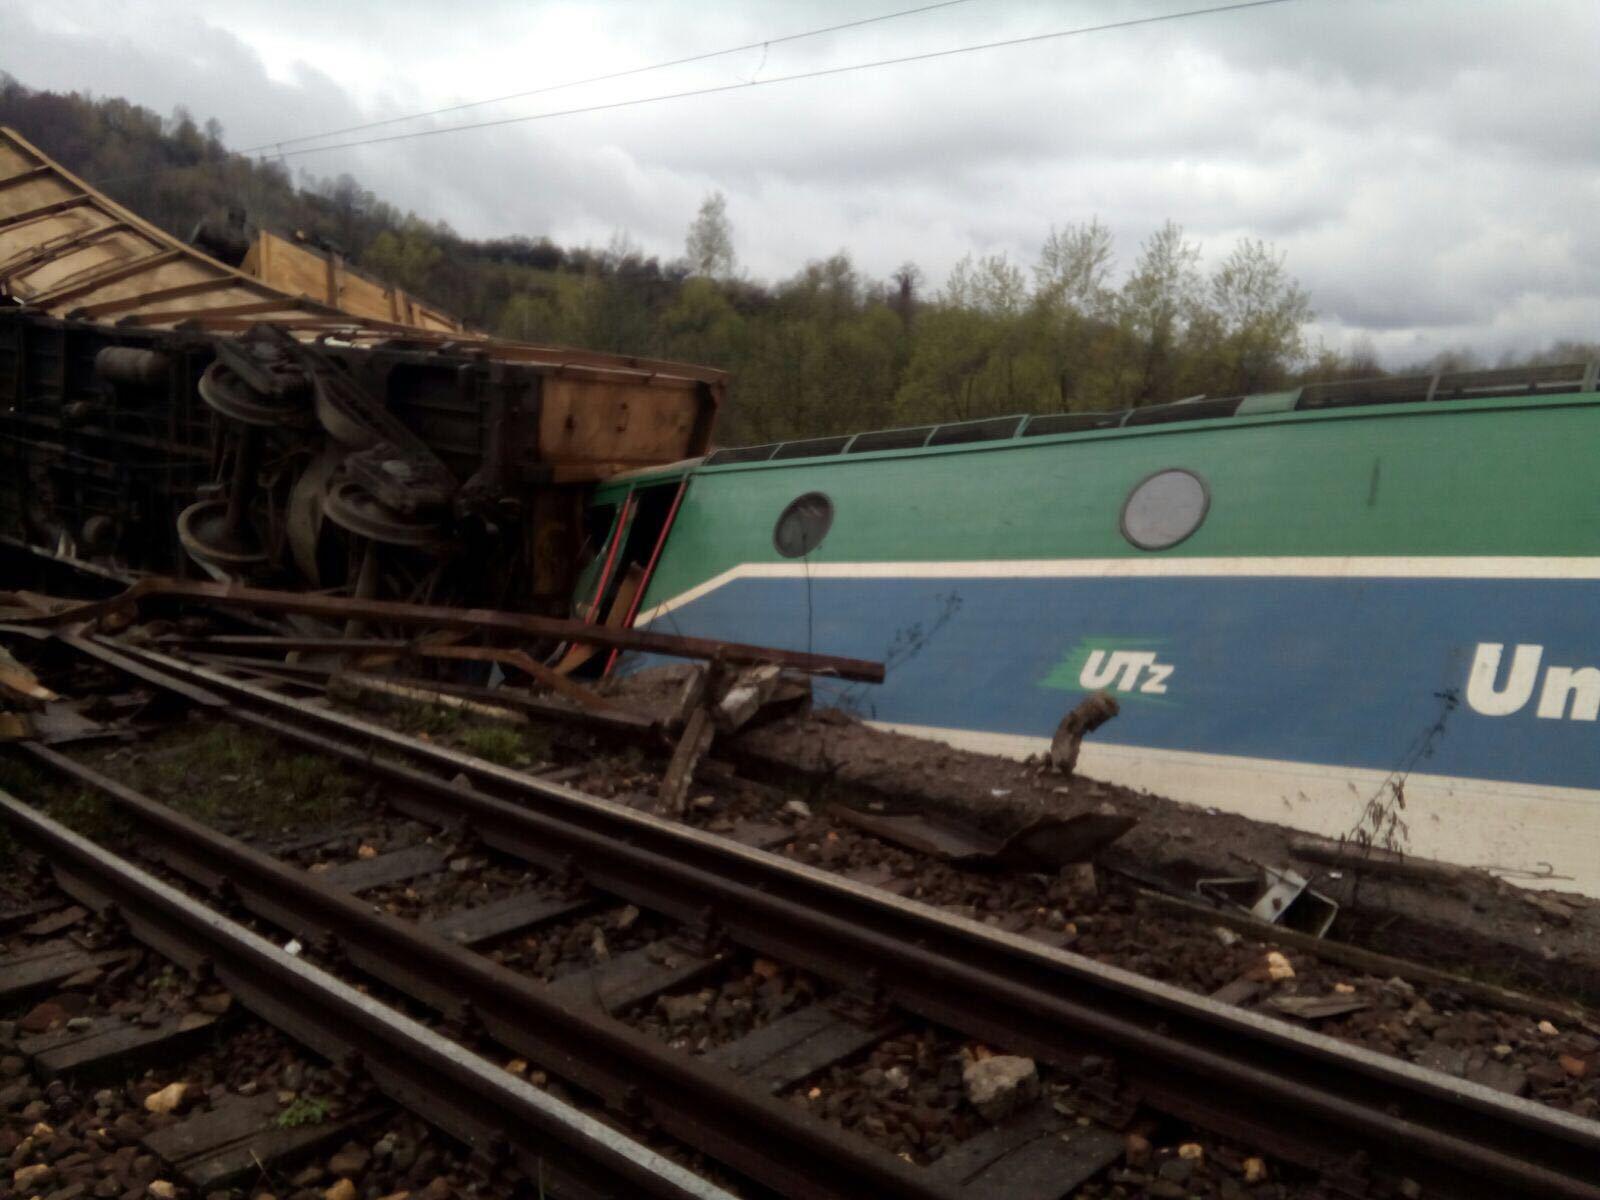 Circulaţie feroviară blocată între Făurei şi Feteşti, după ce mai multe vagoane de marfă au deraiat. Care sunt trenurile de călători afectate de acest incident şi ce opţiuni au pasagerii